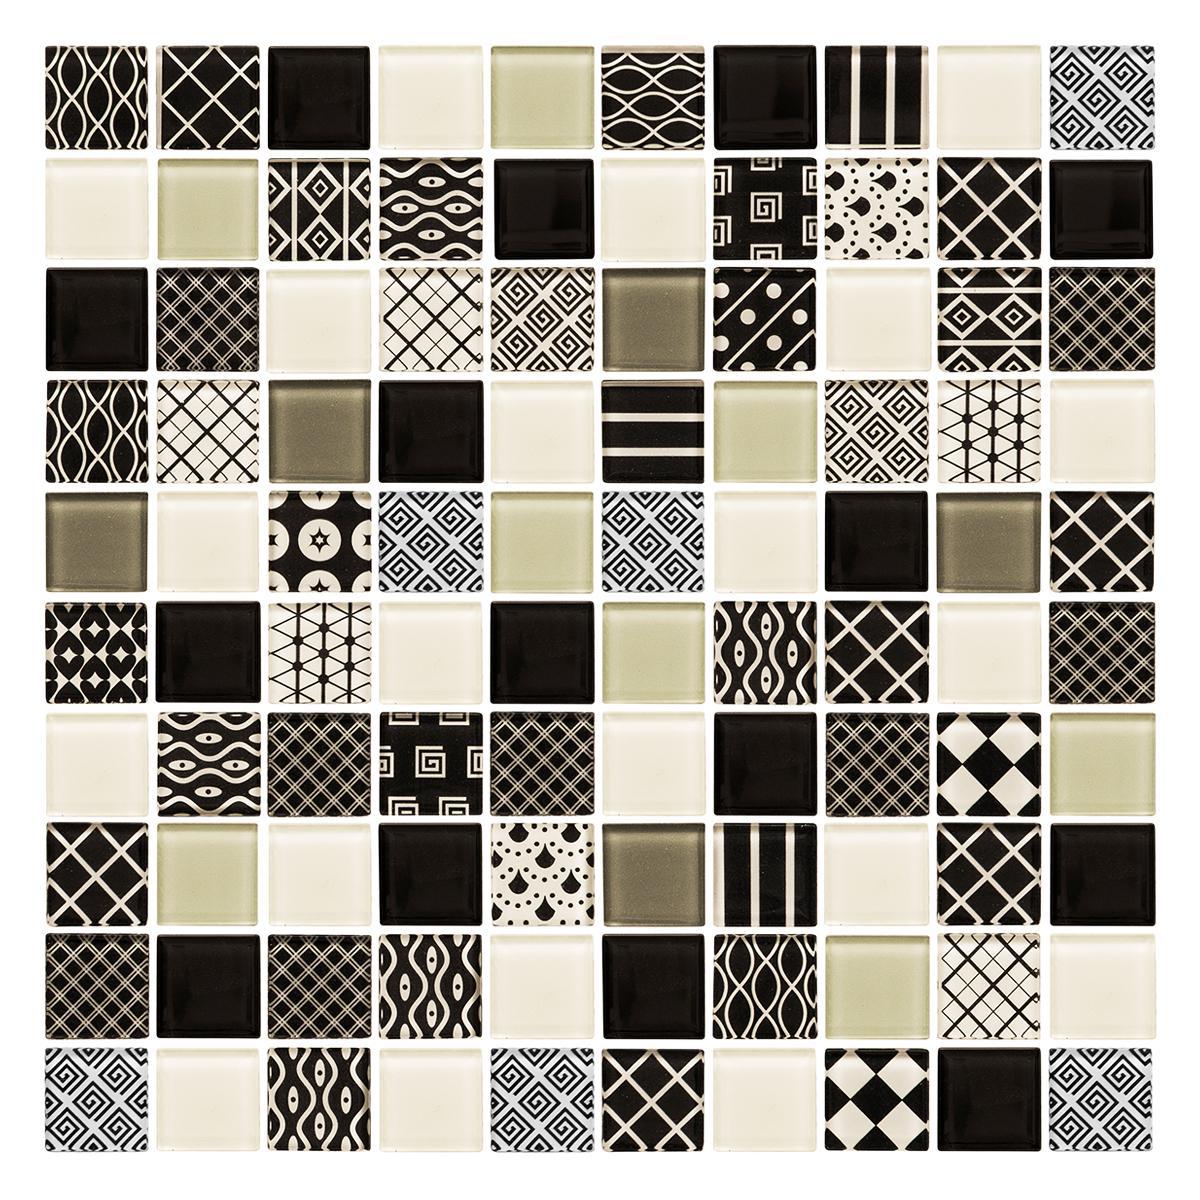 Pepelma Patch Blanco/Negro Brillante - 31.8X31.8 cm - 1 Pza